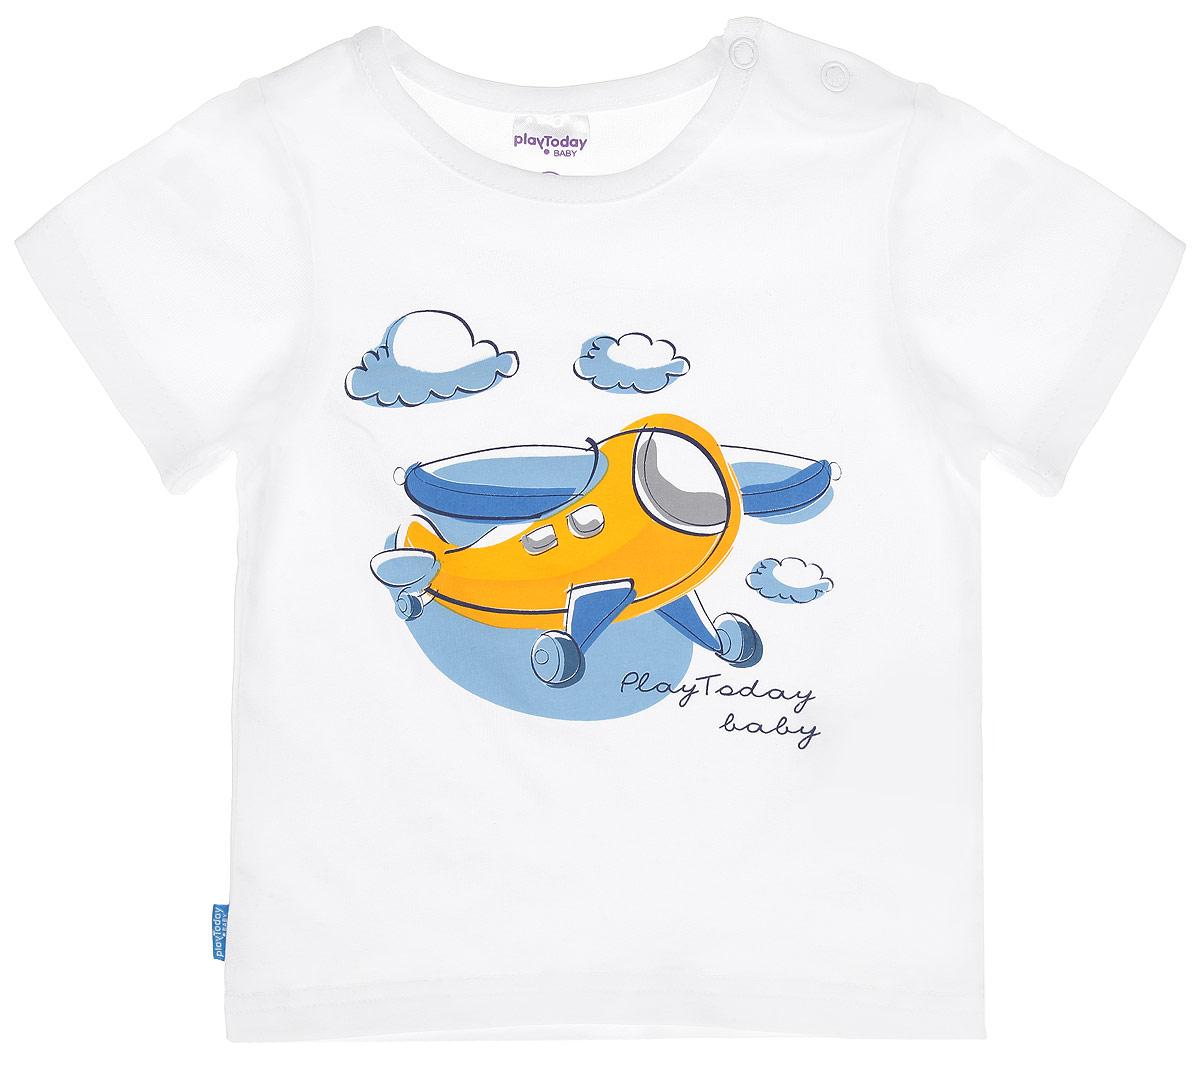 Футболка для мальчика Baby. 167020167020Футболка для мальчика PlayToday Baby станет отличным дополнением к детскому гардеробу. Модель выполнена из эластичного хлопка, очень мягкая и приятная на ощупь, не сковывает движения и позволяет коже дышать, обеспечивая наибольший комфорт. Футболка с круглым вырезом горловины и короткими рукавами застегивается на кнопки по плечевому шву, что помогает с легкостью переодеть ребенка. Оформлено изделие принтом с изображением самолетика и надписью, содержащей название бренда. Дизайн и расцветка делают эту футболку стильным и модным предметом детской одежды. В ней ваш ребенок всегда будет в центре внимания!